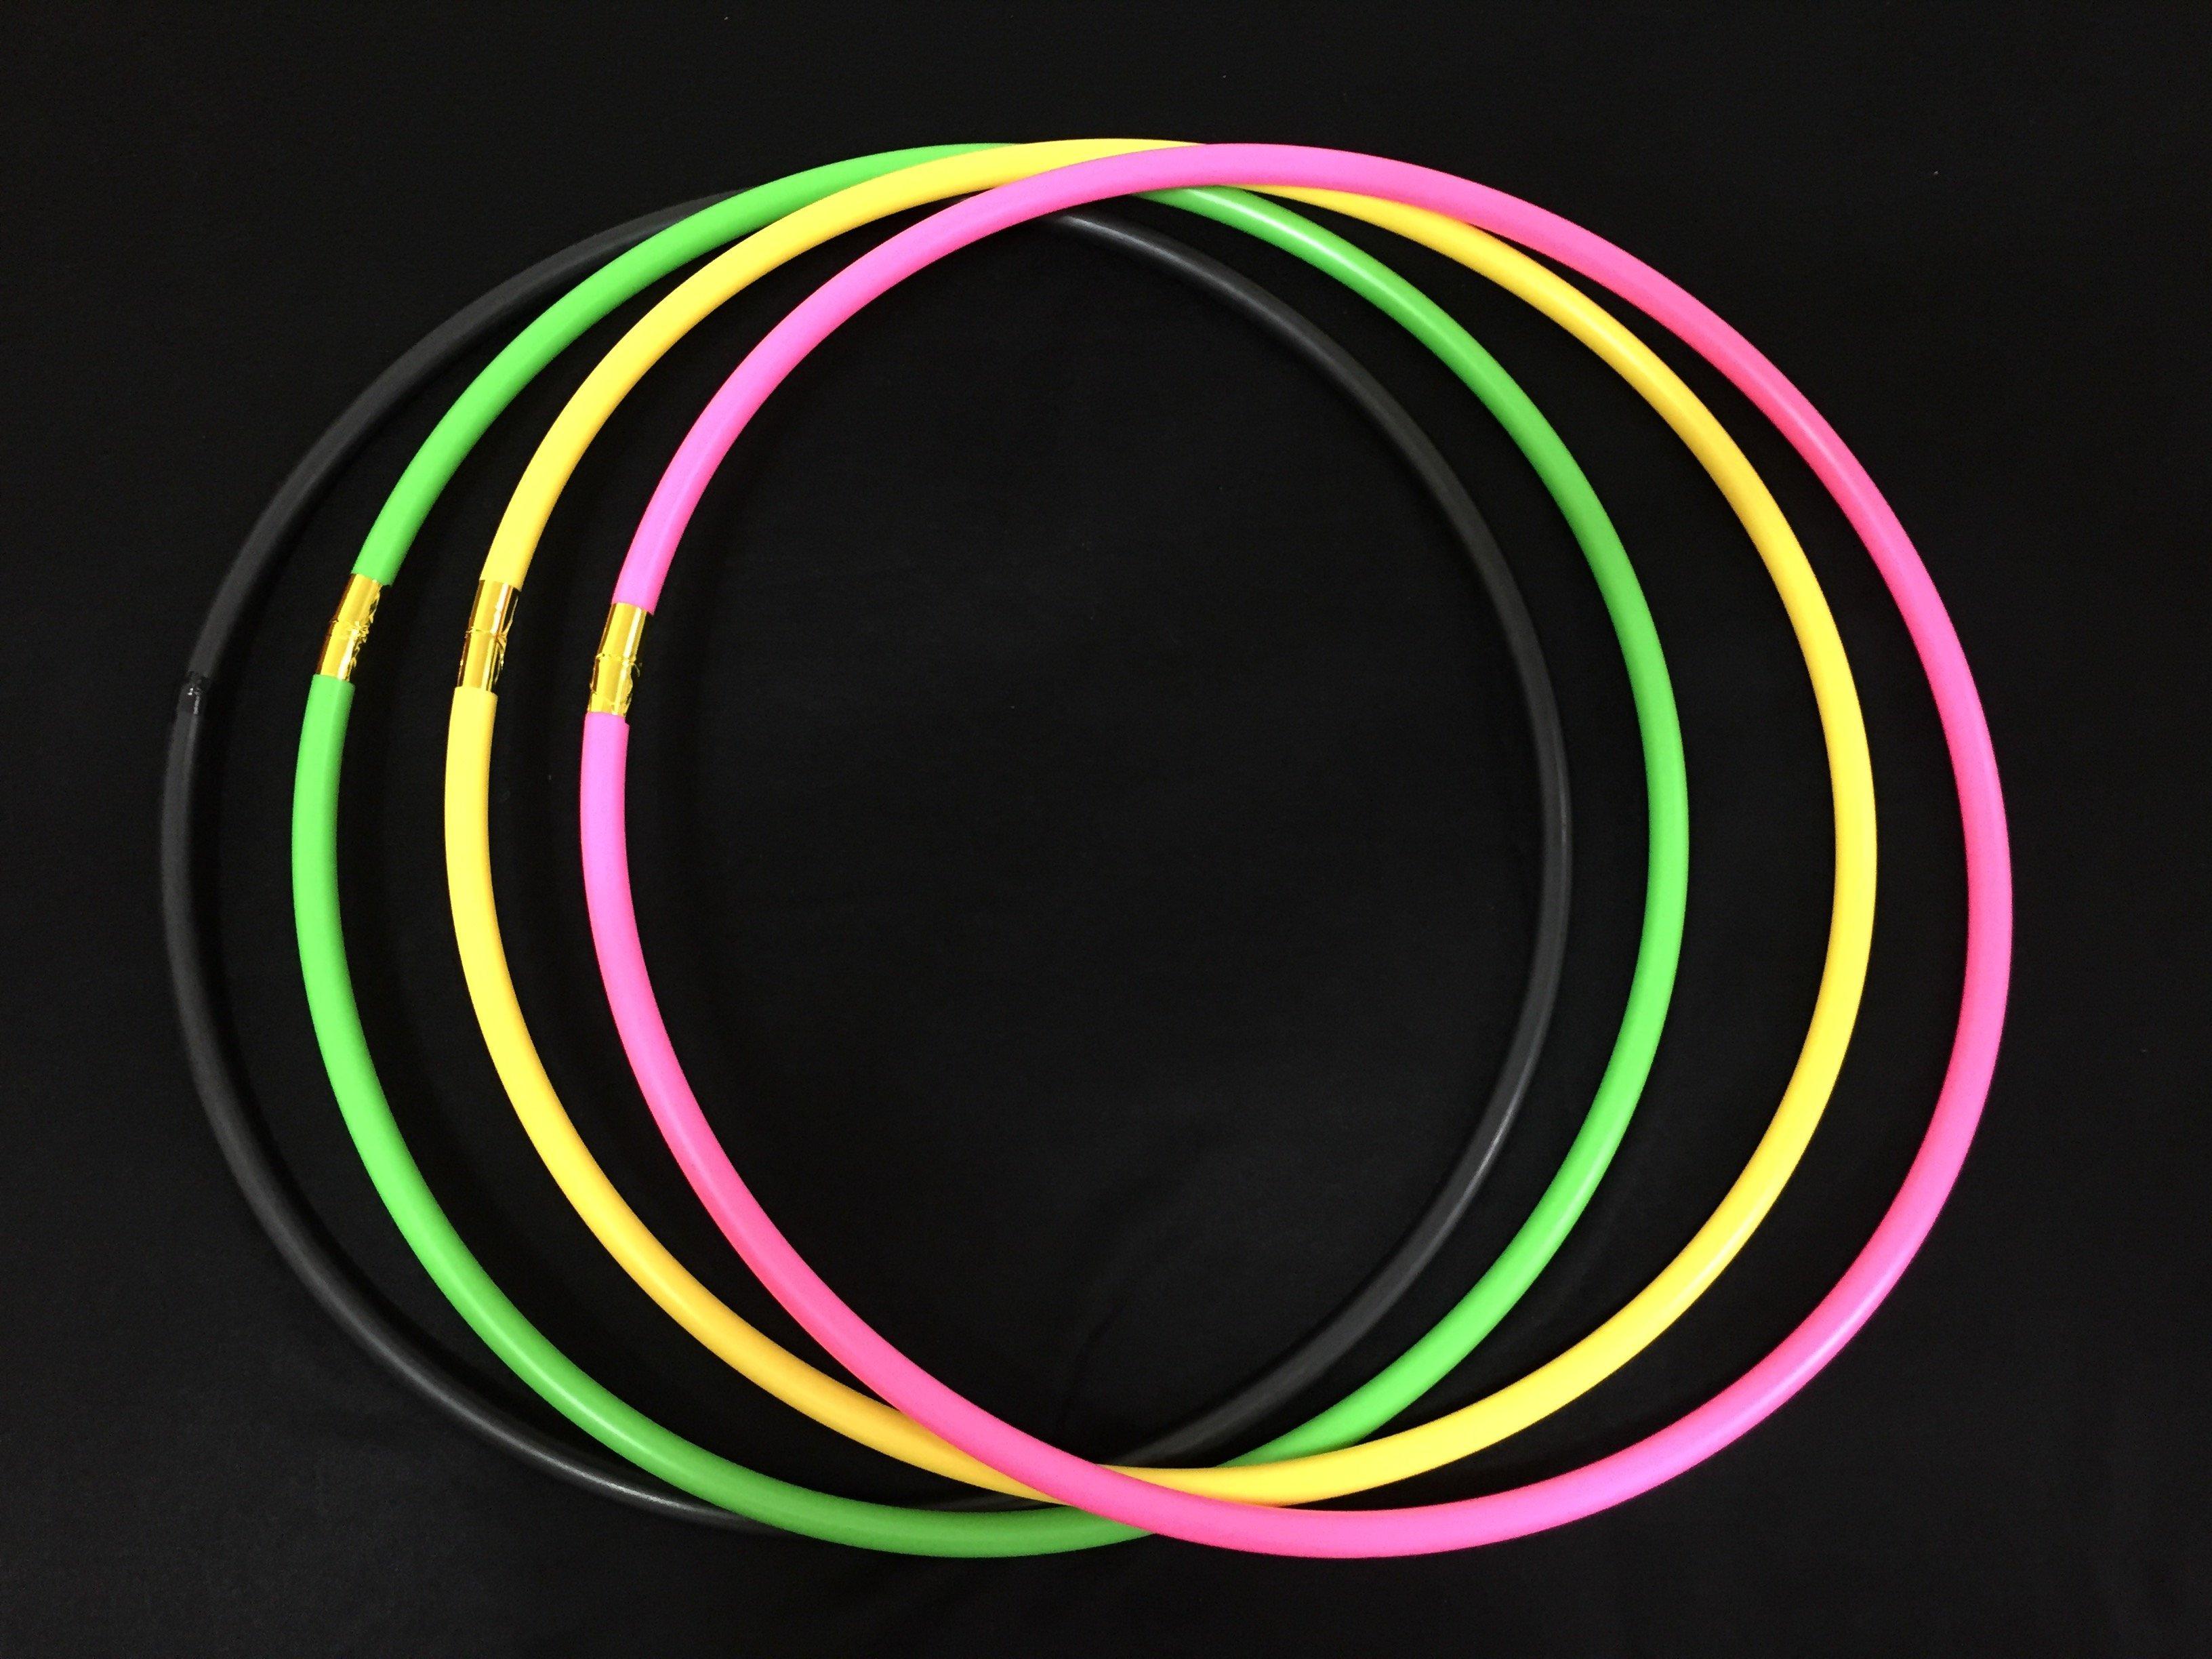 [5個以上才出貨]清倉特價--大呼拉圈/兒童呼拉圈(直徑62cm), 舞蹈/表演/扯鈴道具/幼教/趣味競賽